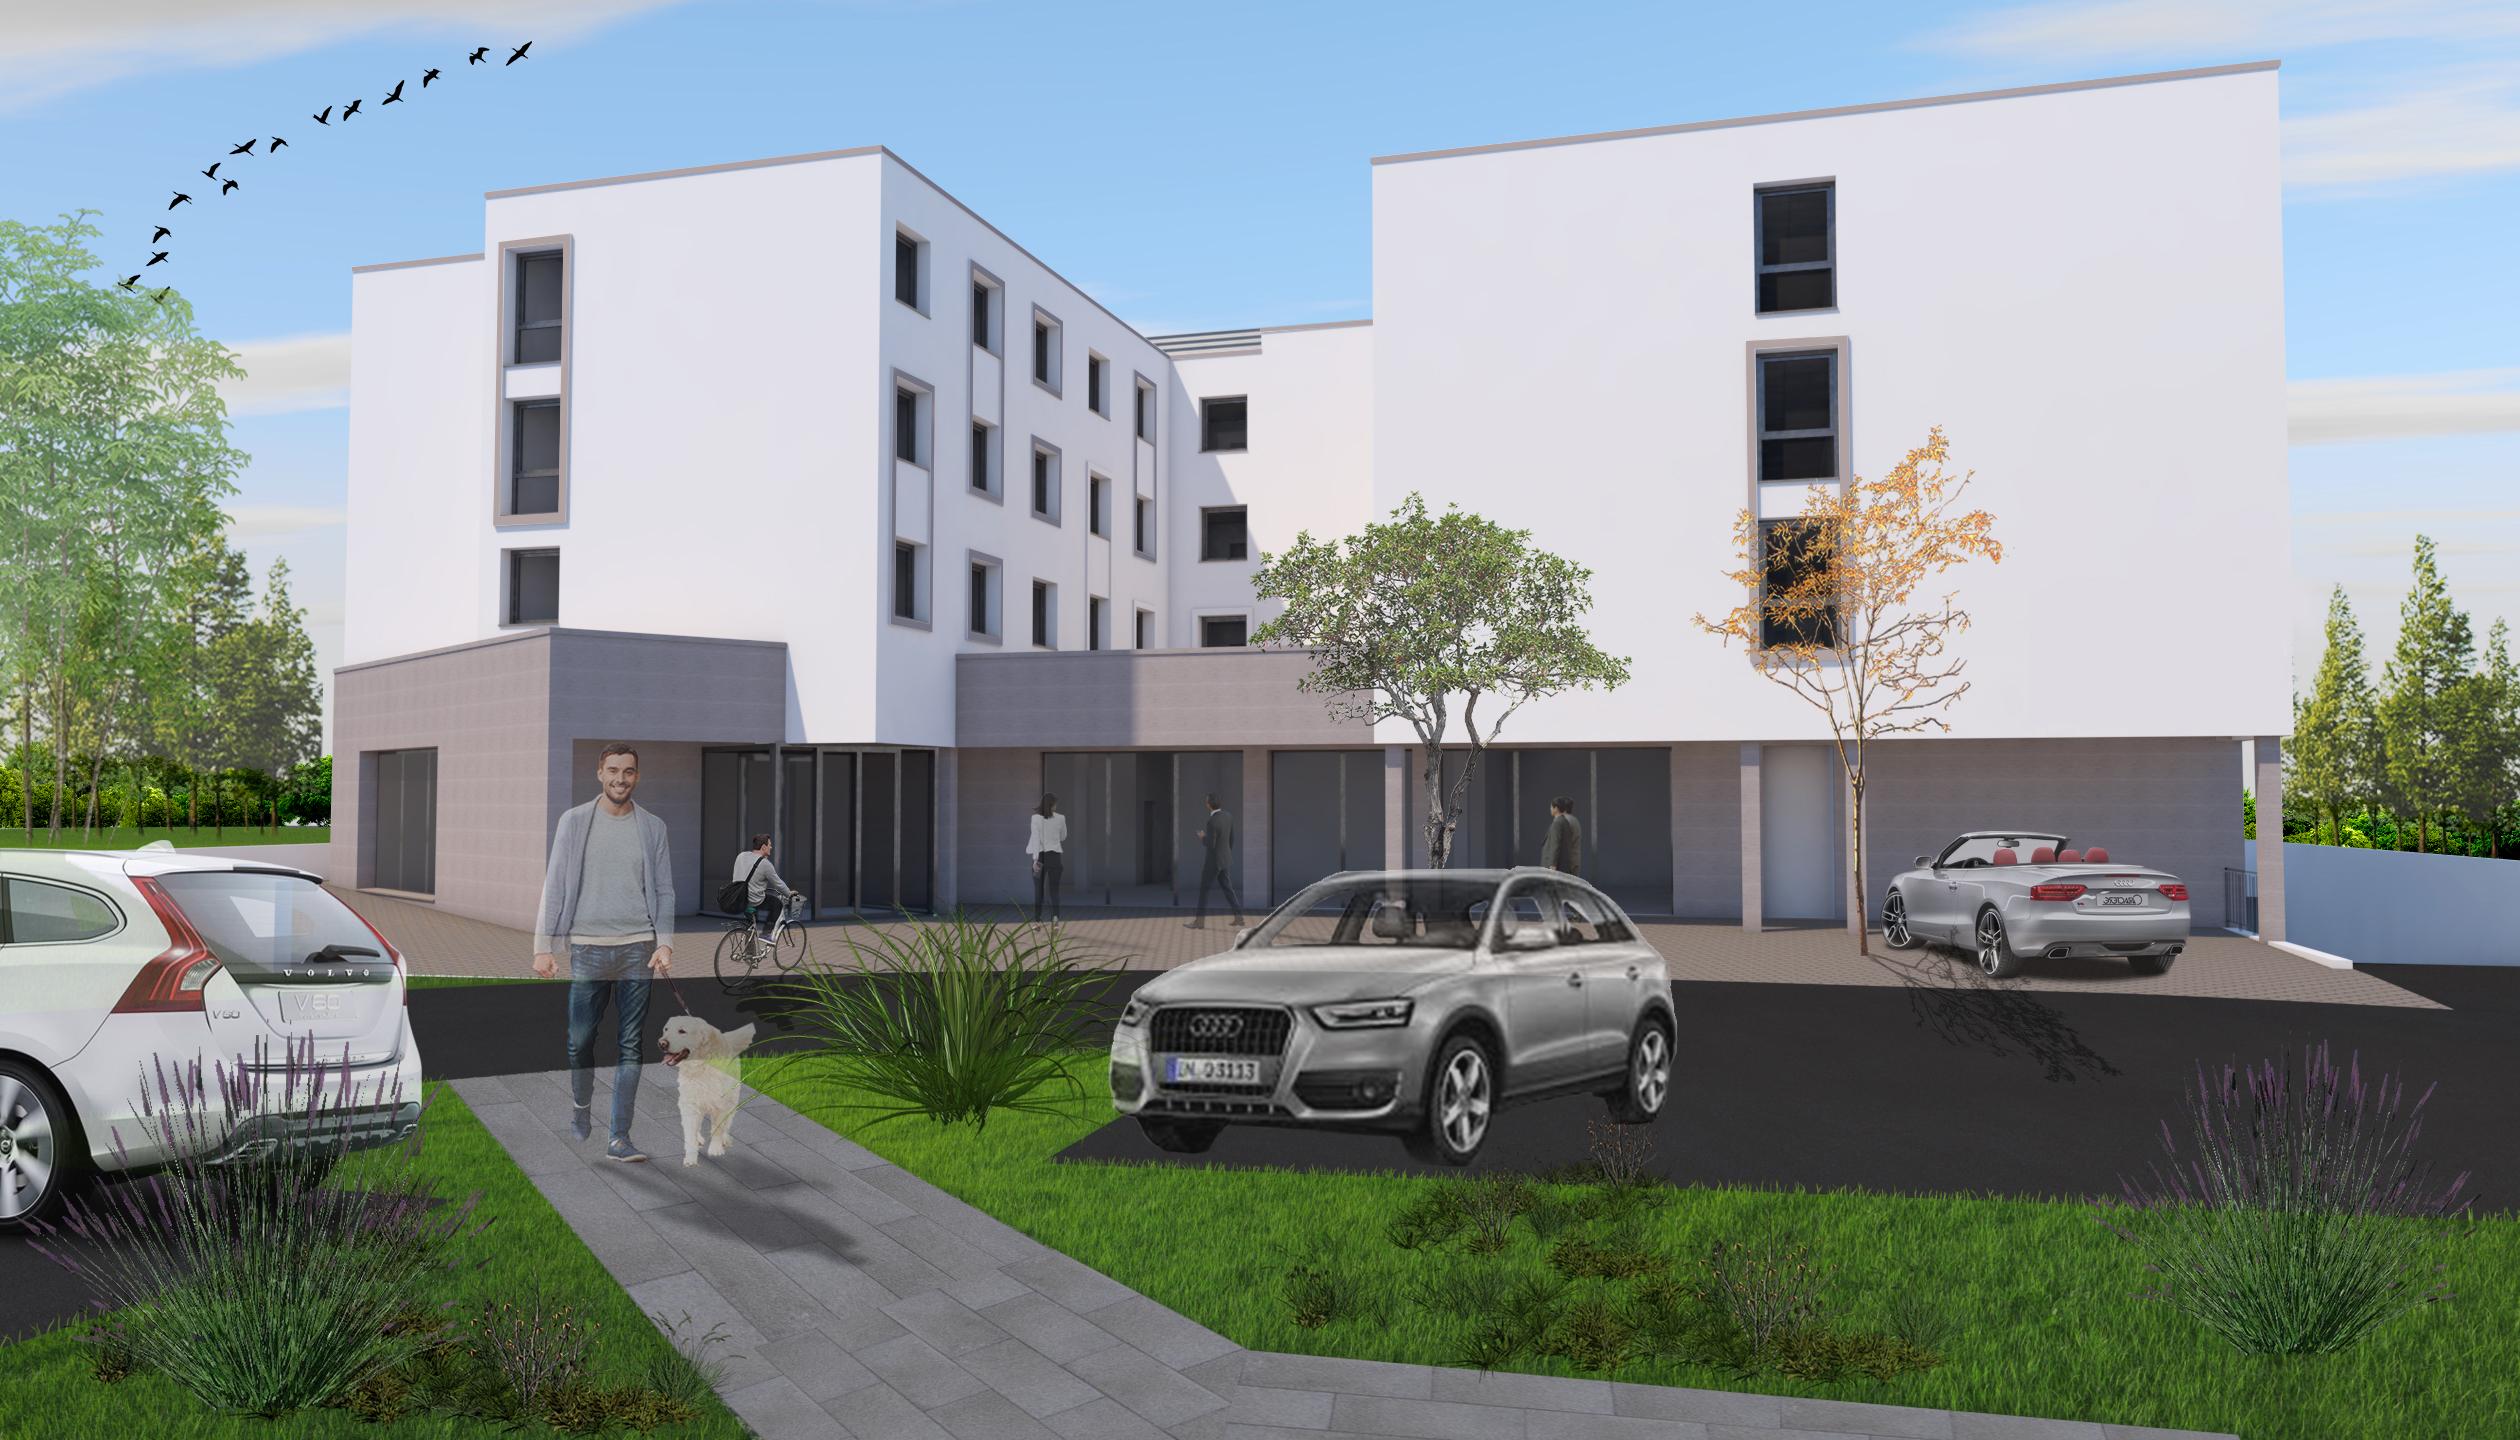 Baugenehmigung Hotelneubau Filderstadt-Bernhausen